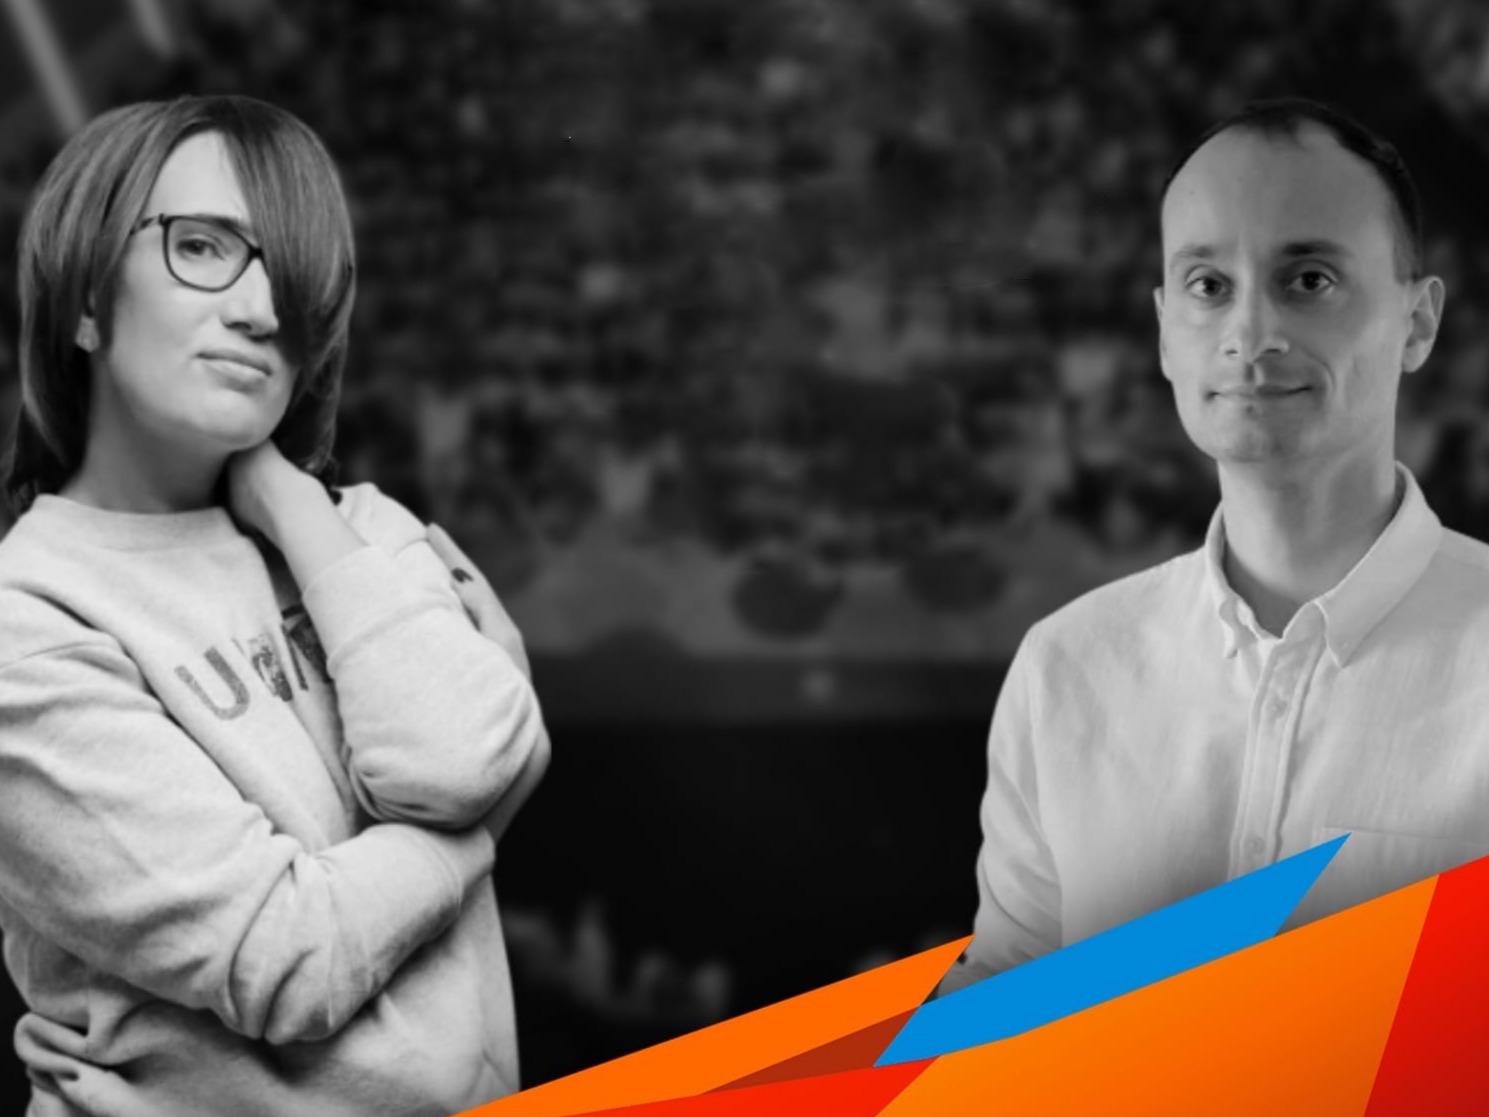 Уроки из жизни бизнеса в 2020 году. Беседа Наталии Франкель и Михаила Саидова